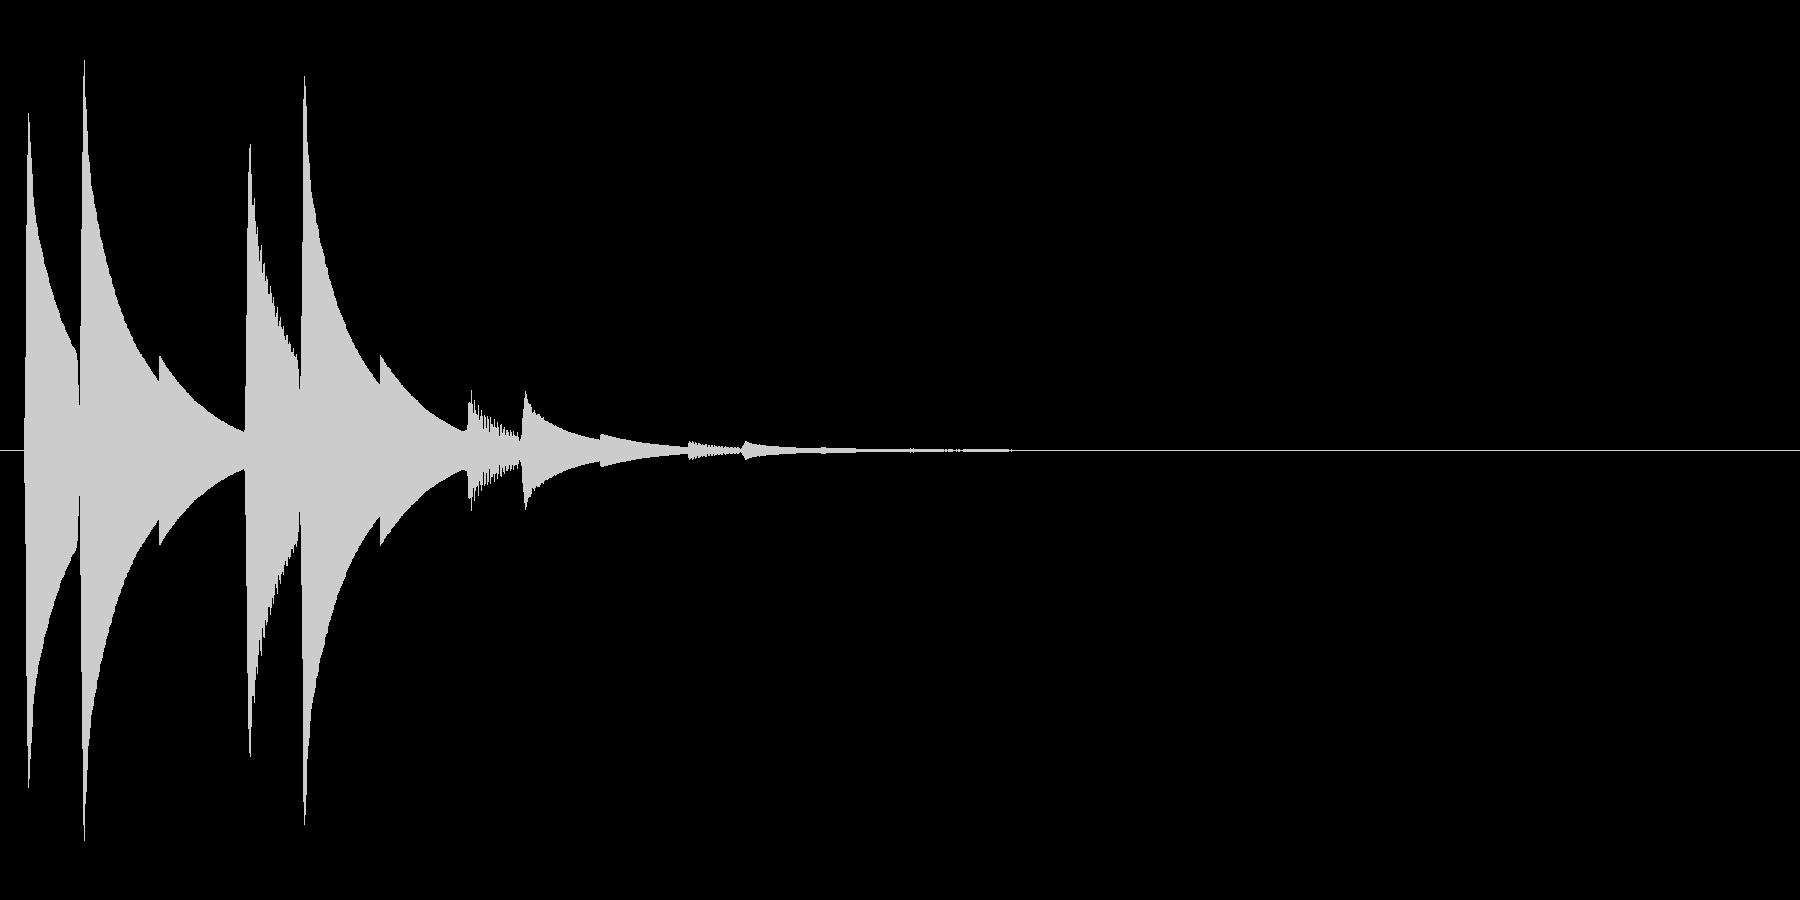 ピロリッ...(決定、起動音)の未再生の波形